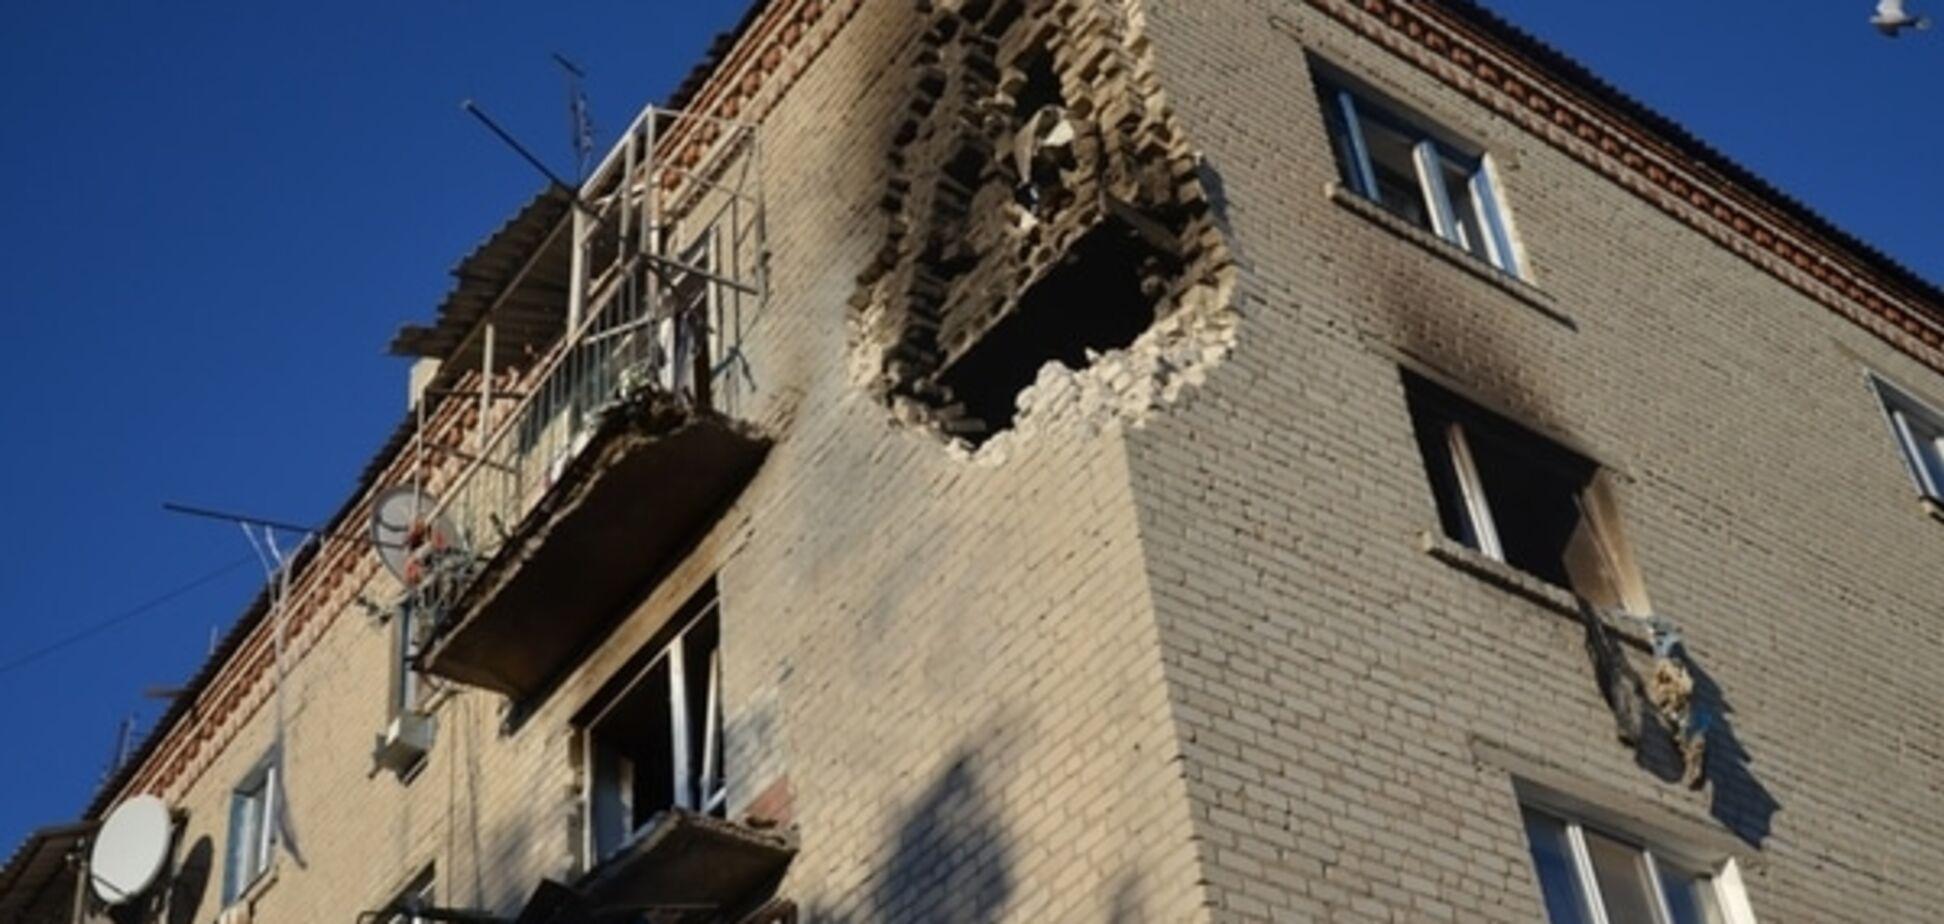 Сватово покинули около пяти тысяч человек из-за взрывов: опубликованы фото